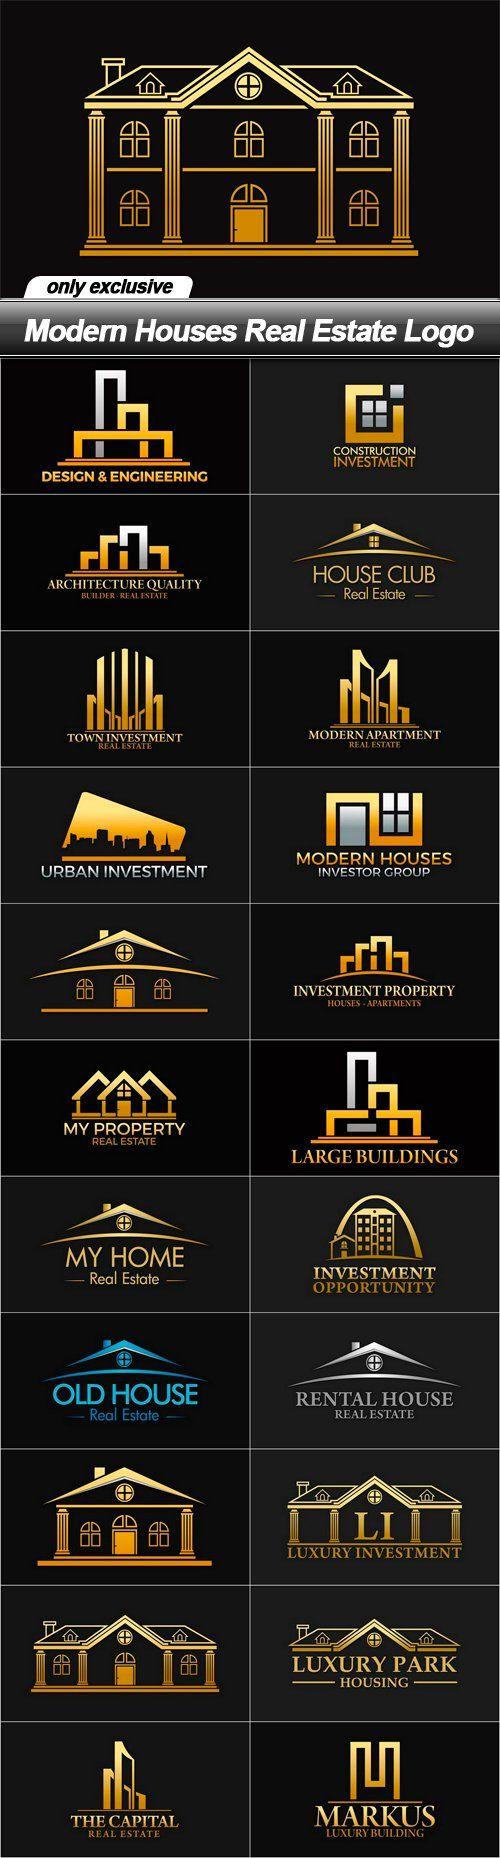 best real estate logos best real estate